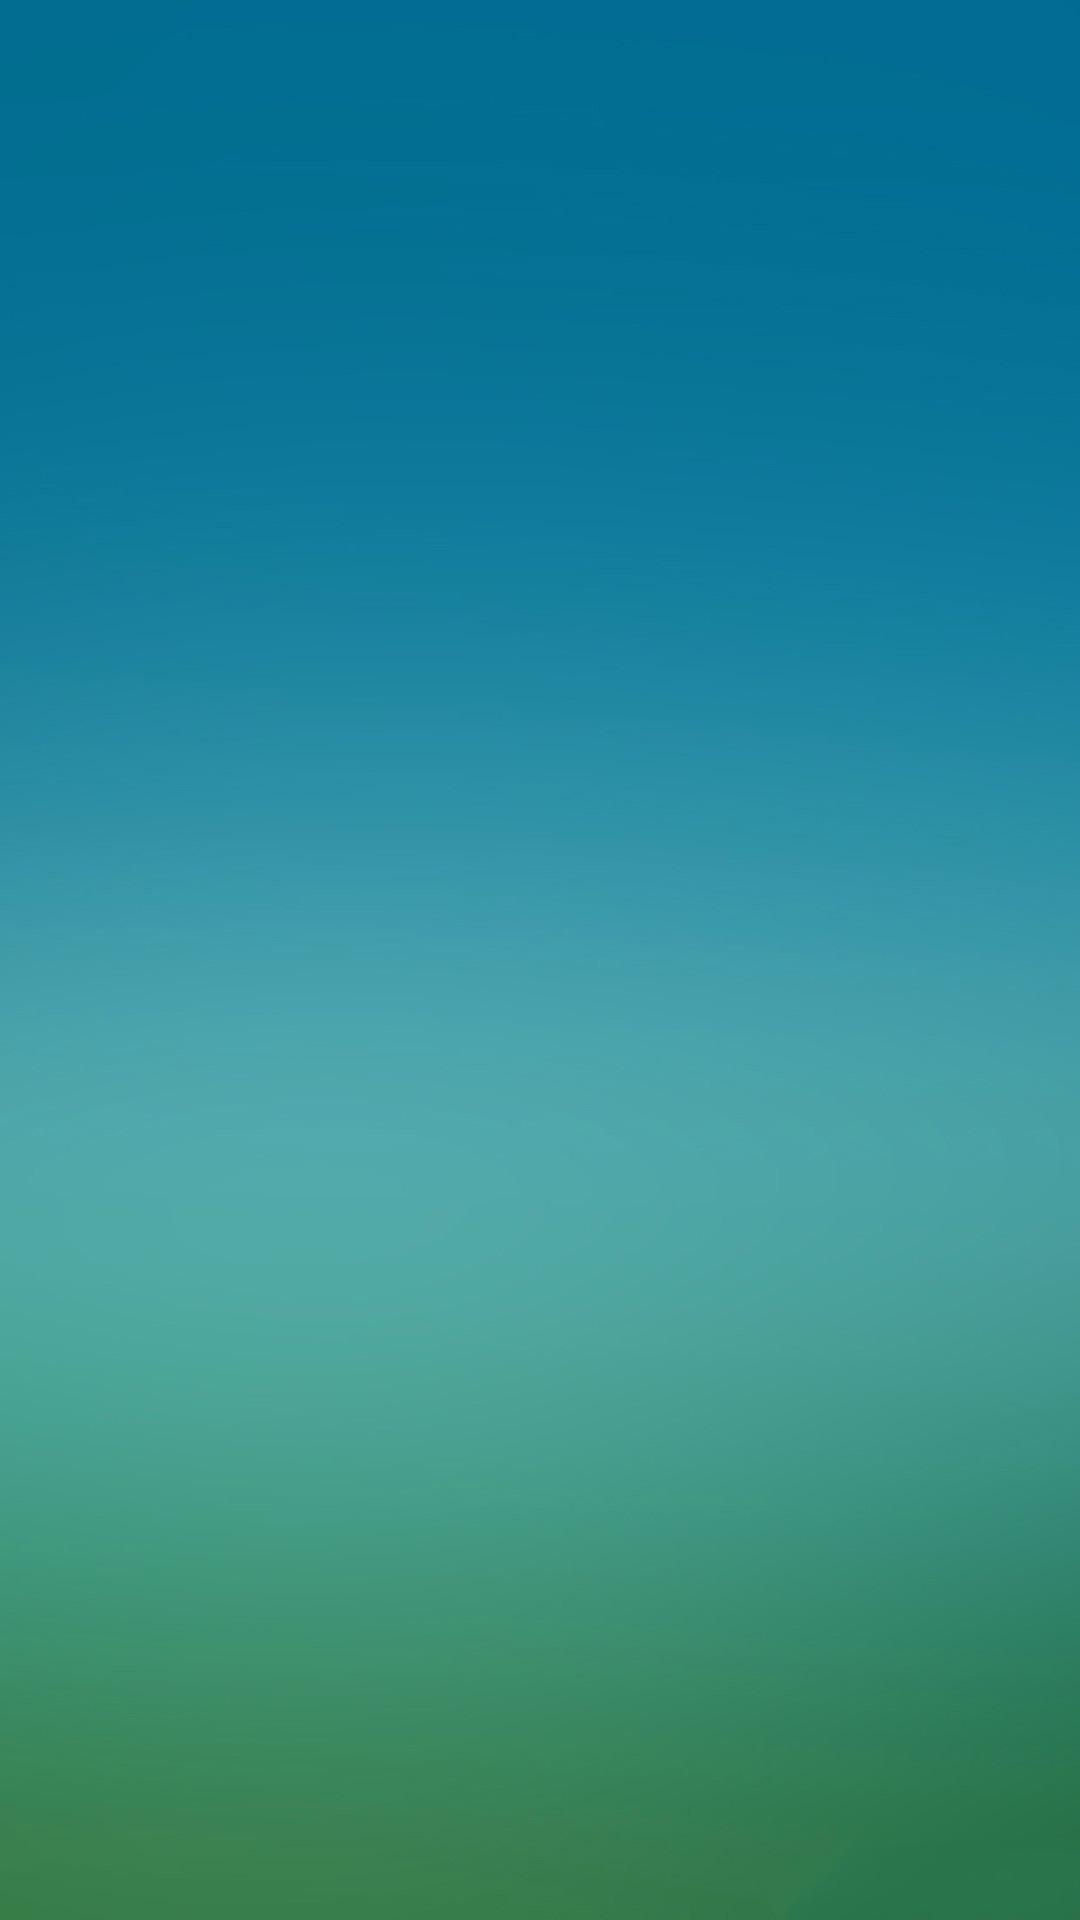 Blue Green Gradation Wallpaper